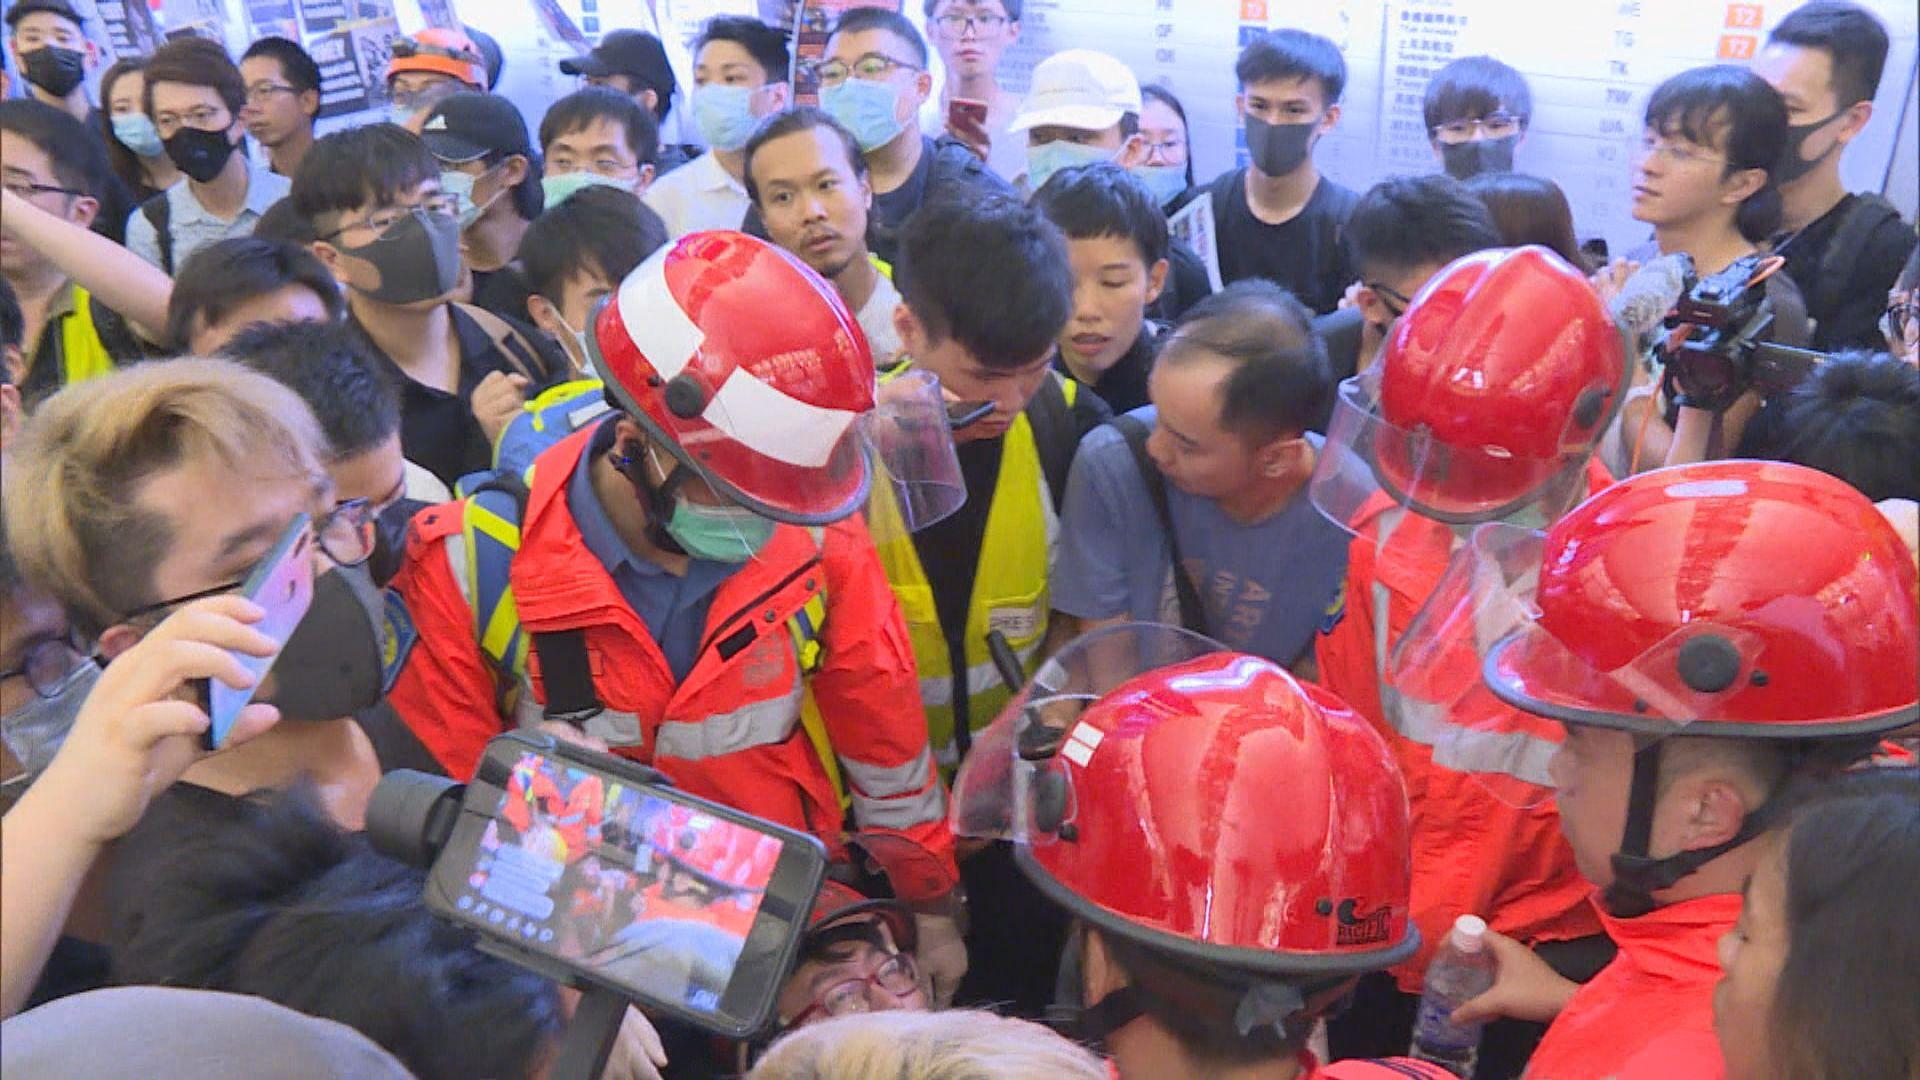 消防處譴責機場示威者刻意阻撓救援工作